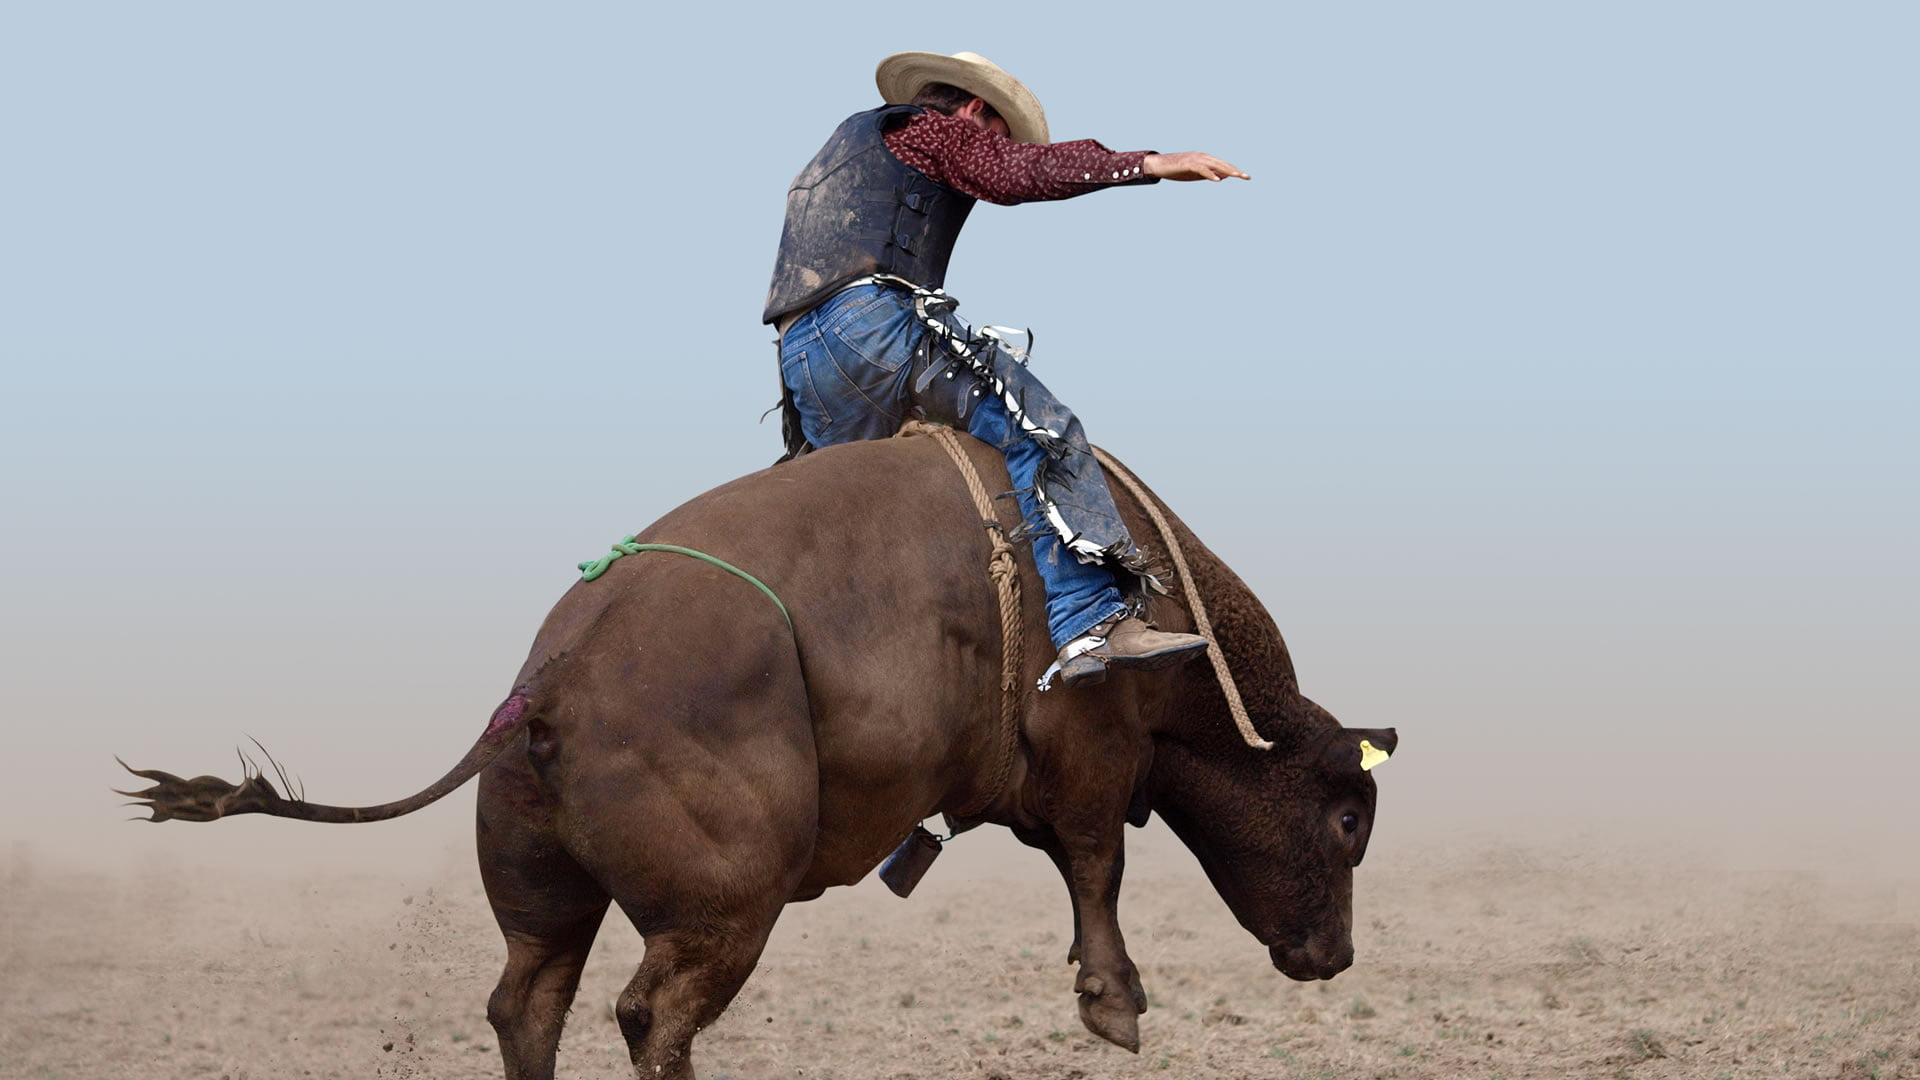 Los chaps , pantalones típicos del traje de vaquero